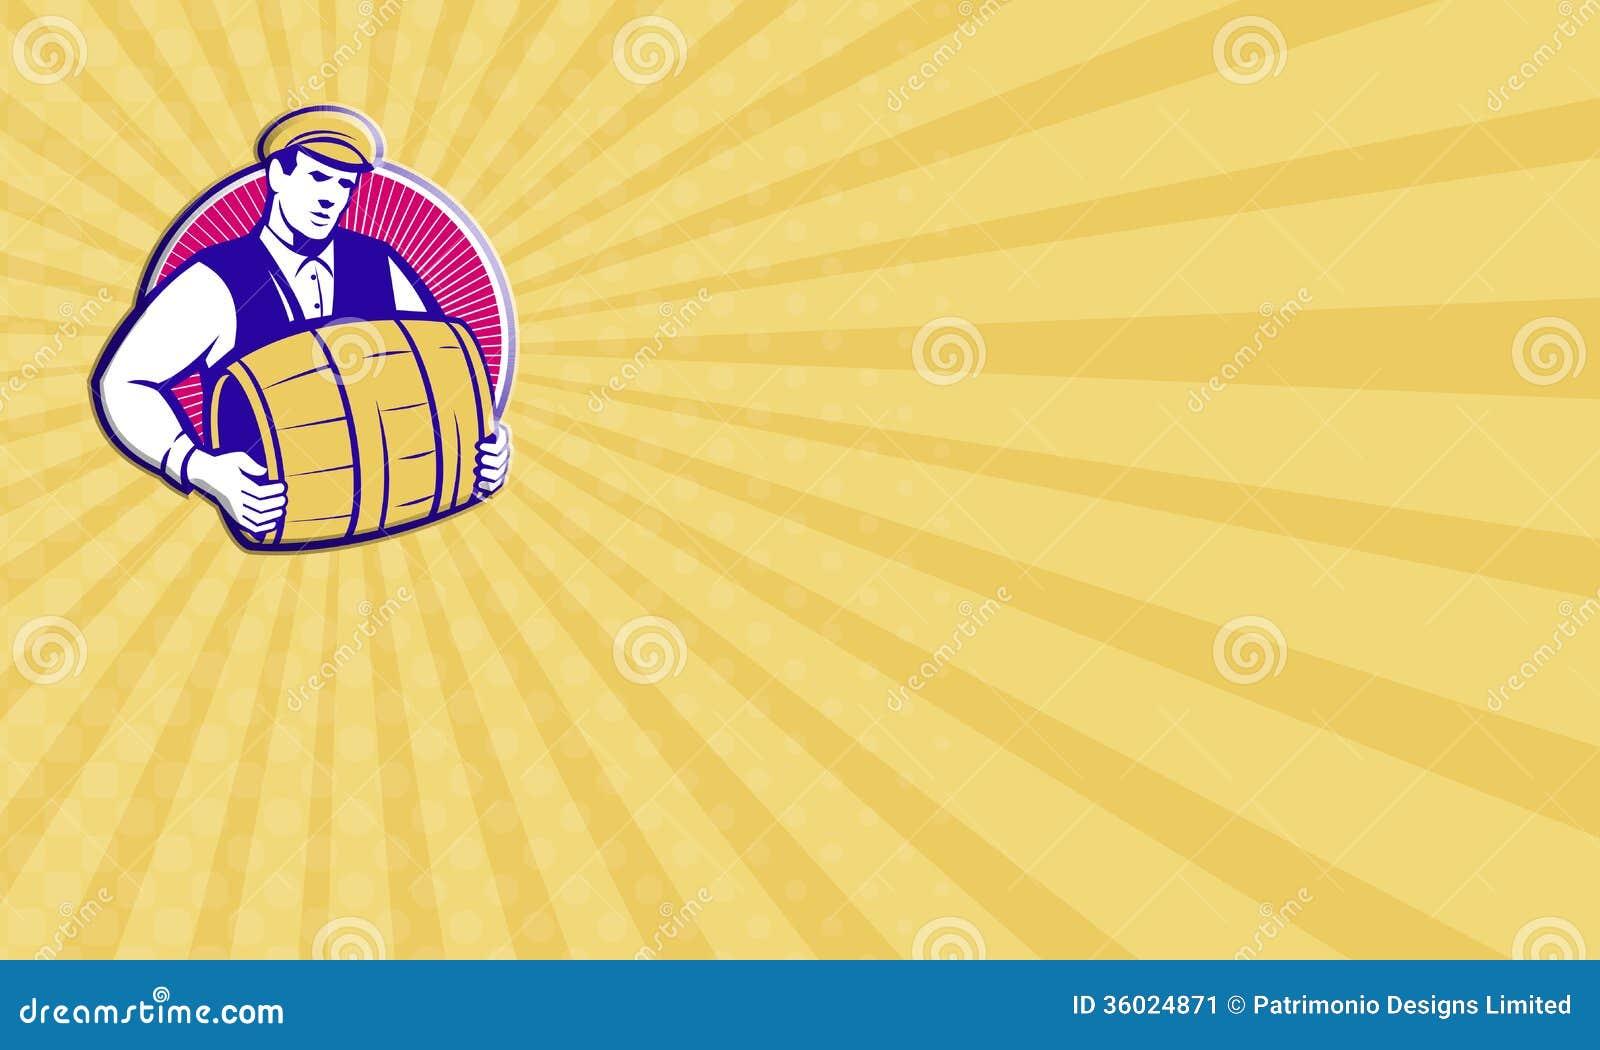 Bartender Carrying Beer Keg Retro Stock Illustration ...